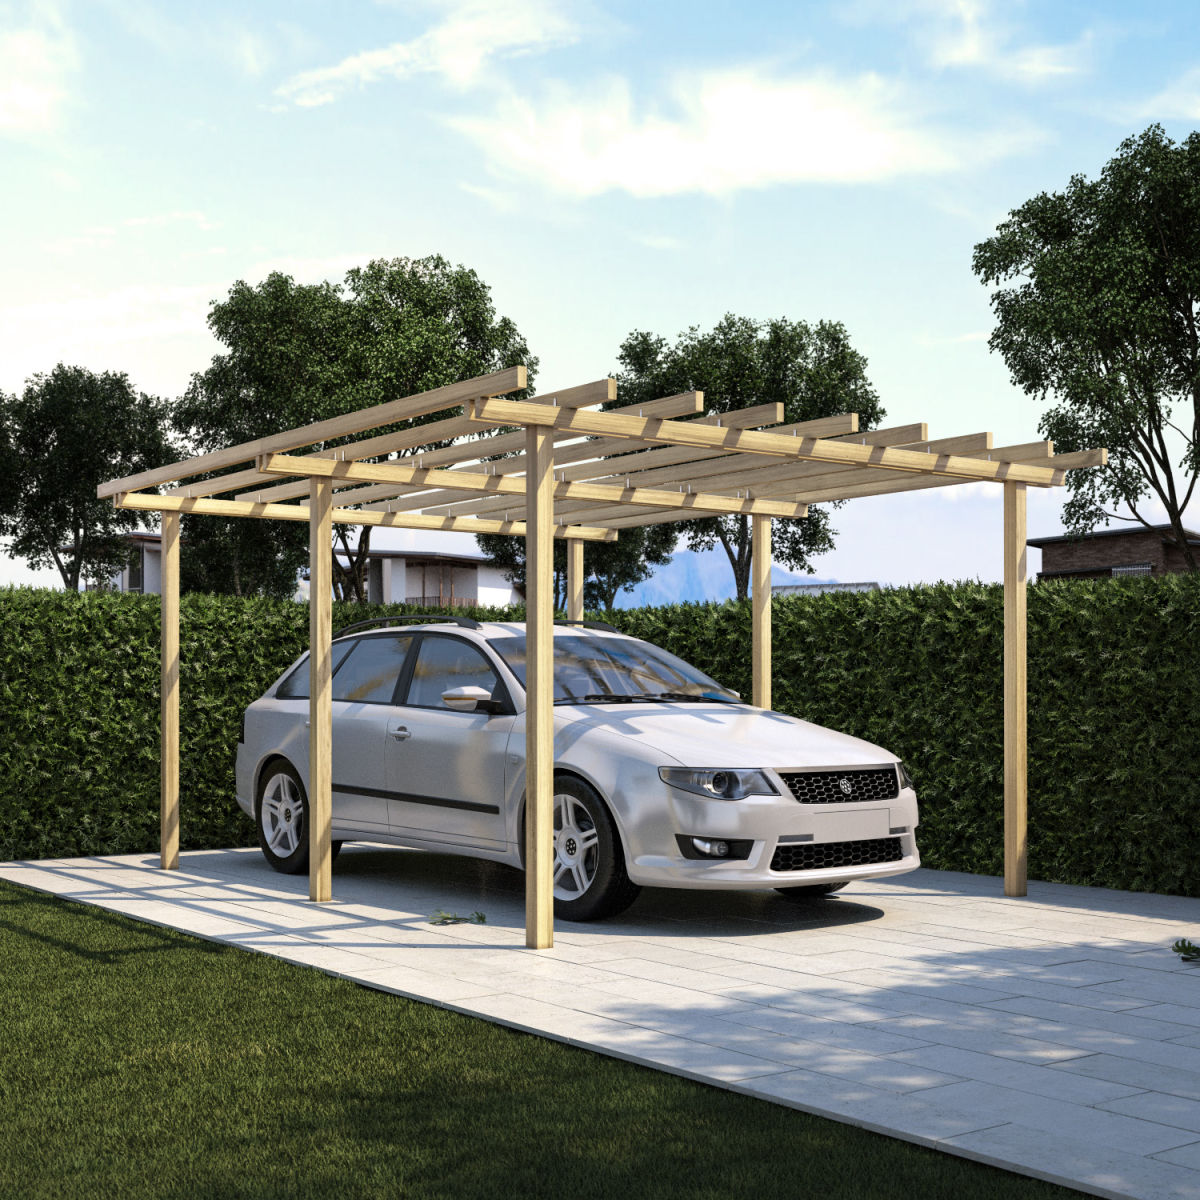 Good giardino e firenze x m with coperture mobili per auto - Mobili per garage ...